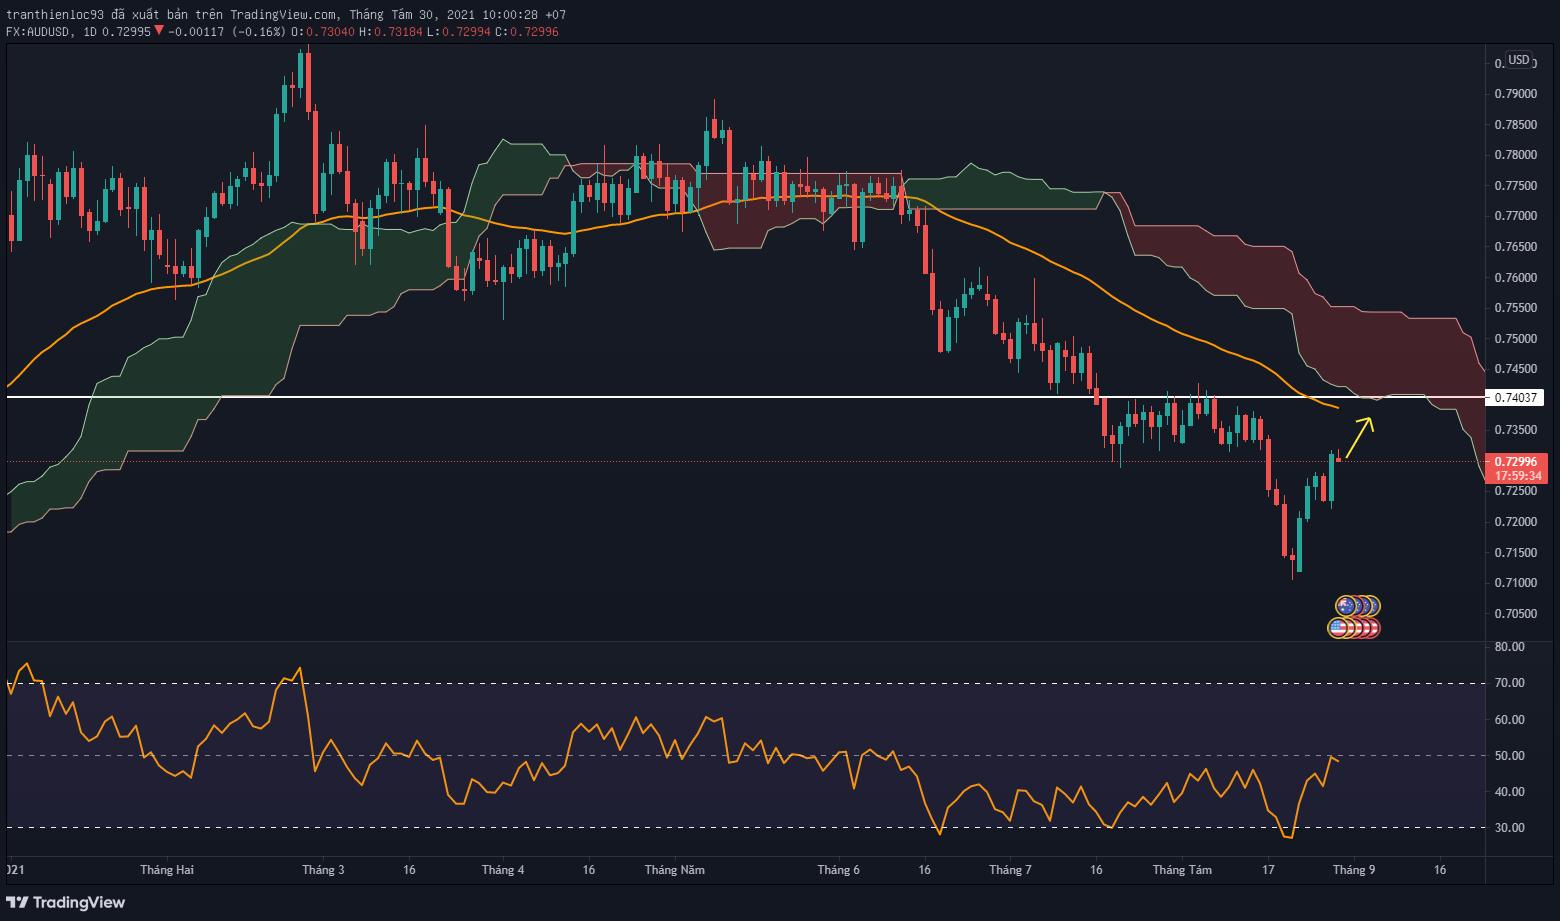 AUD/USD sau thanh nến tăng Anchor bar liệu có tiếp tục tăng đến vùng kháng cự tiếp theo?